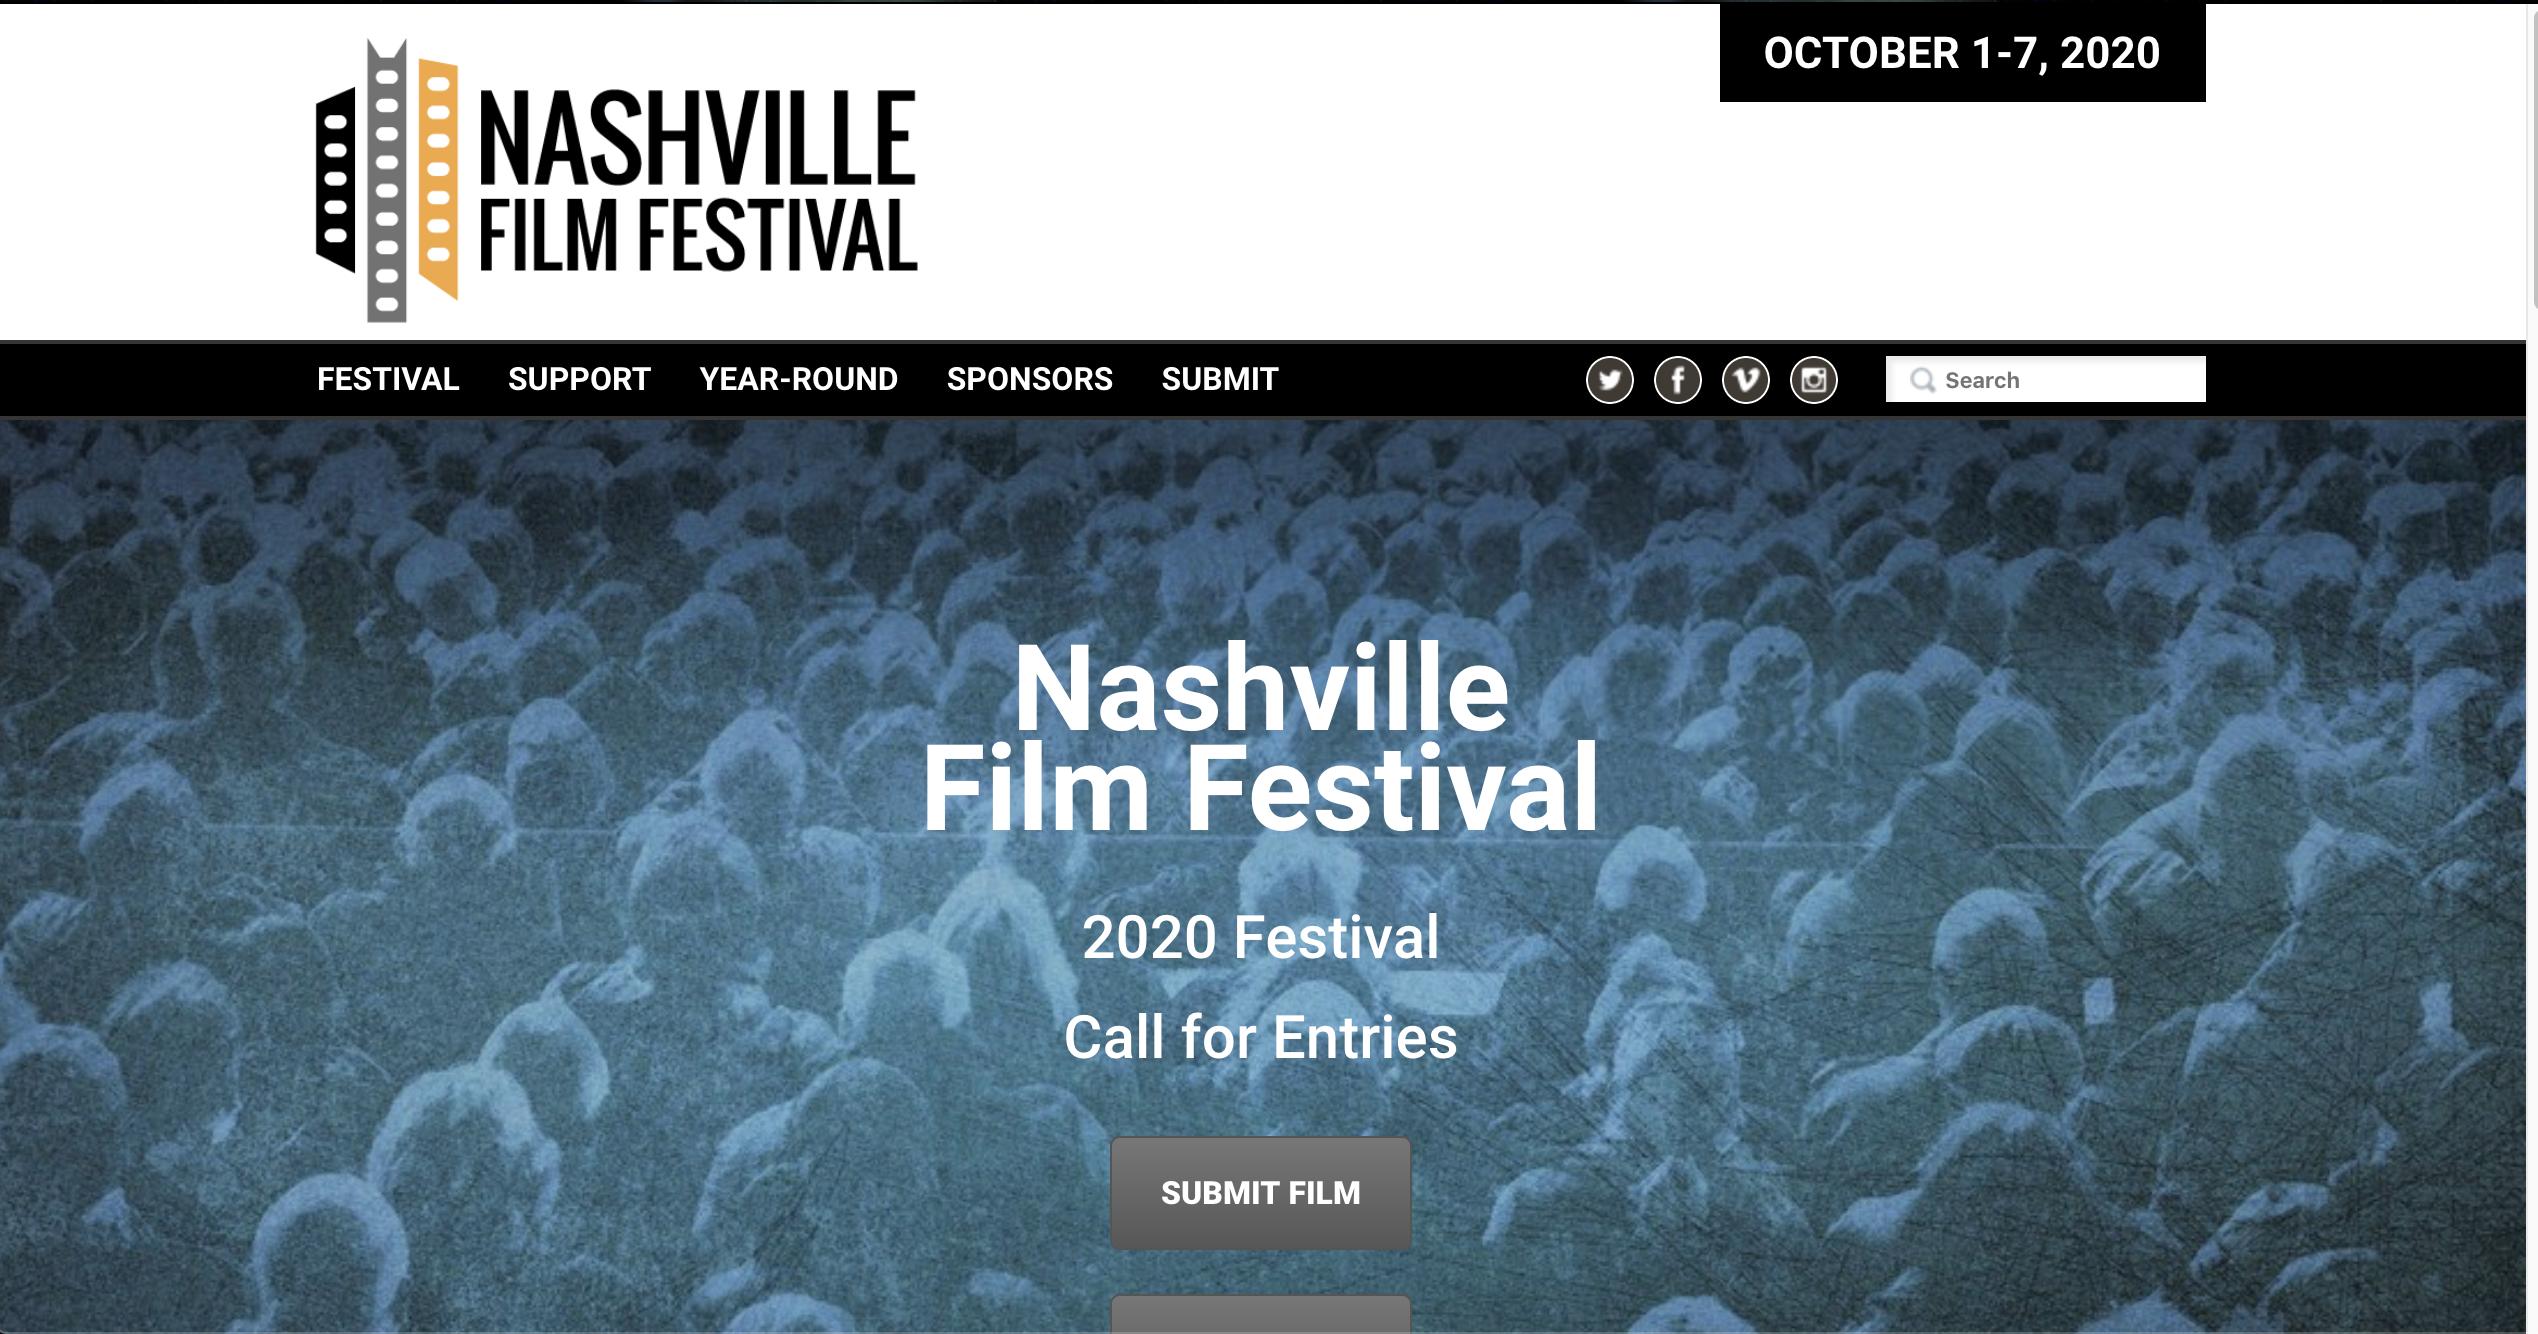 Nashville Film Festival